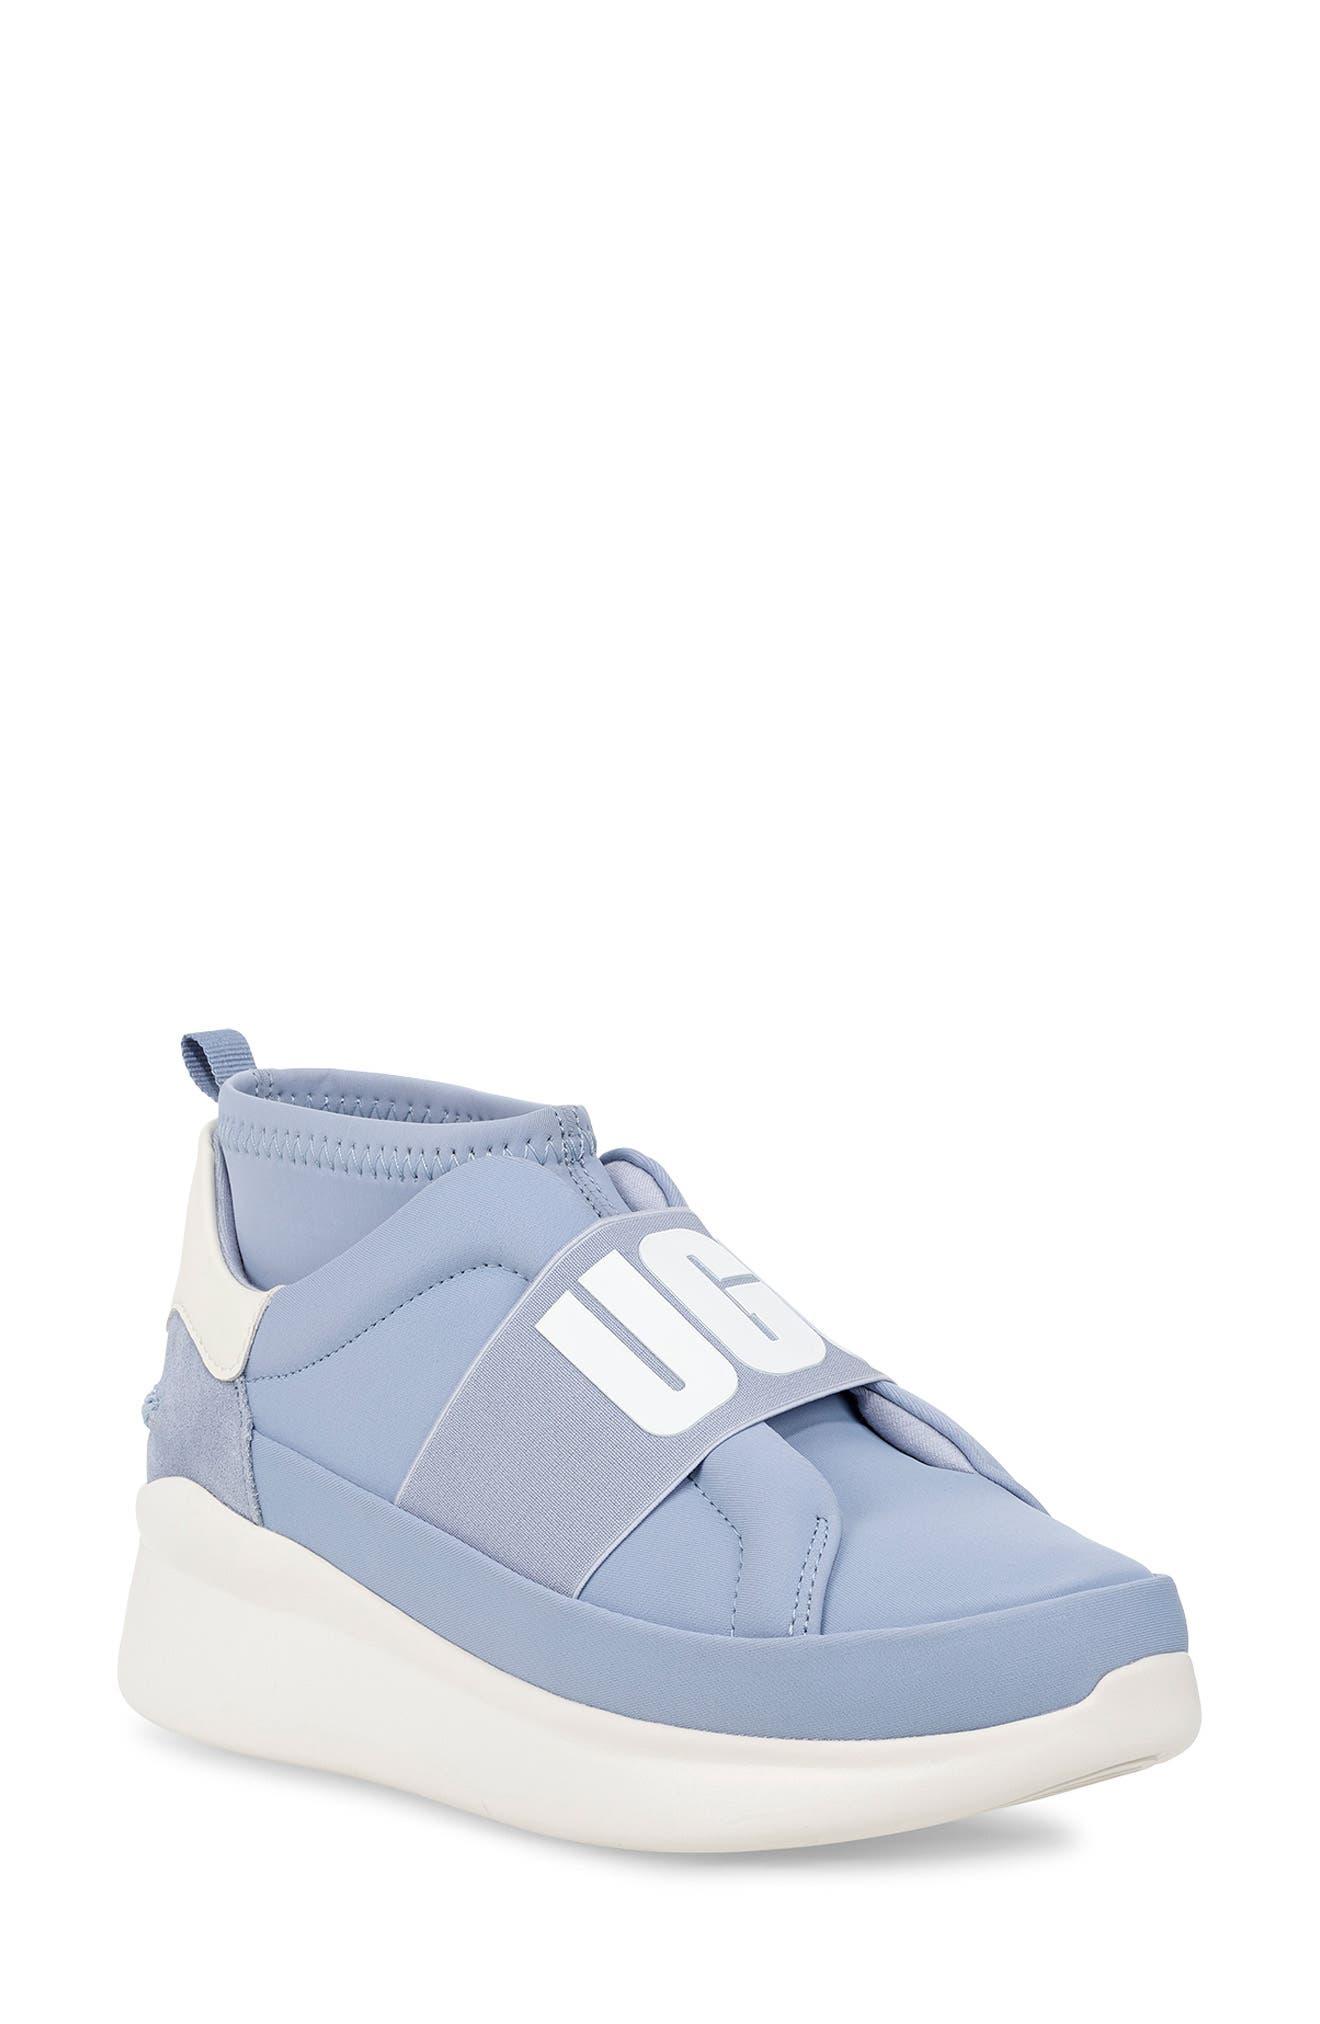 UGG   Neutra Sock Sneaker   Nordstrom Rack